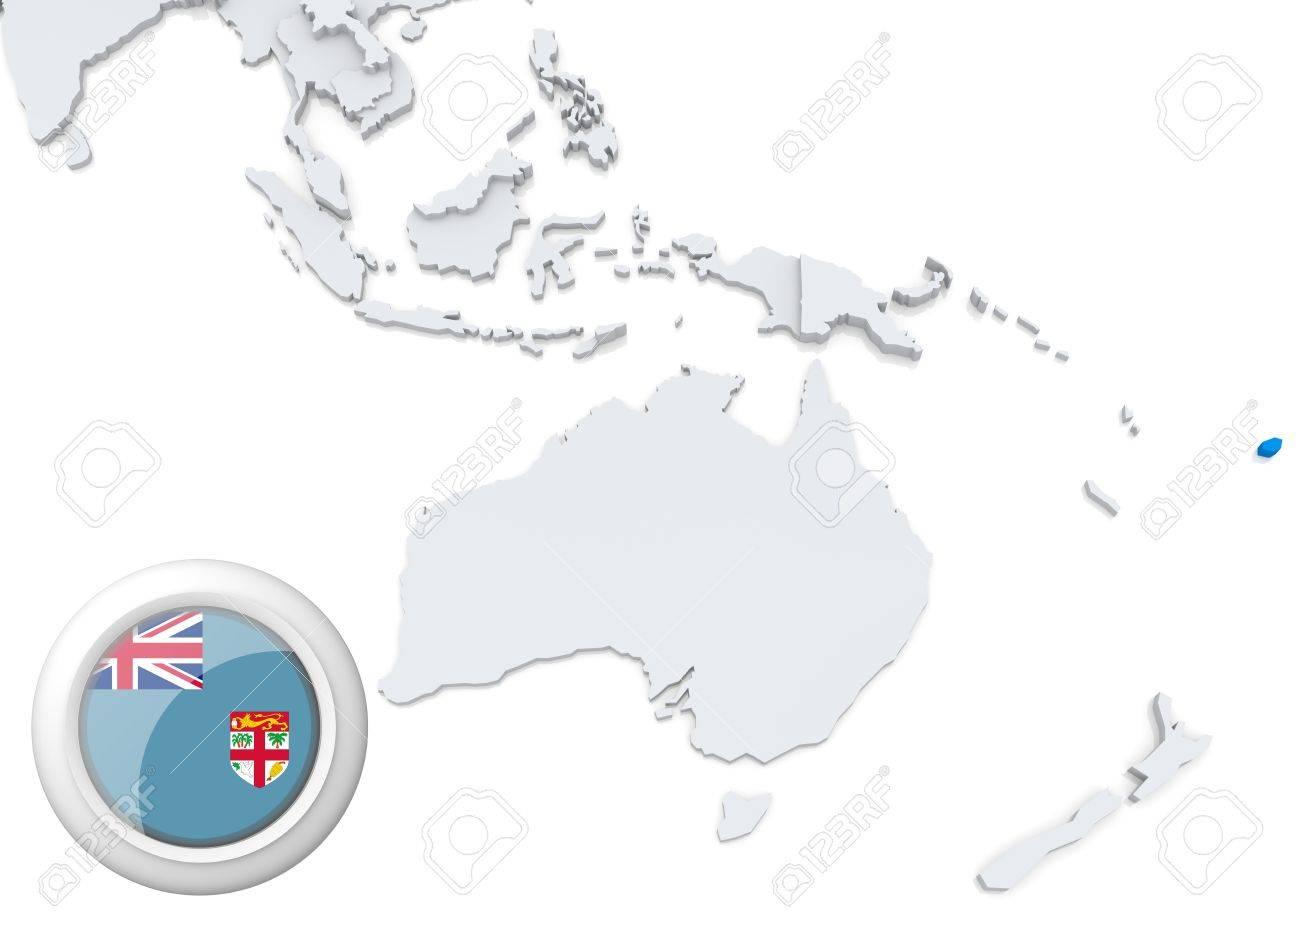 Carte Australie Fidji.Actualites En Matiere De Fidji Sur La Carte De L Australie Et De L Oceanie Avec Le Drapeau National